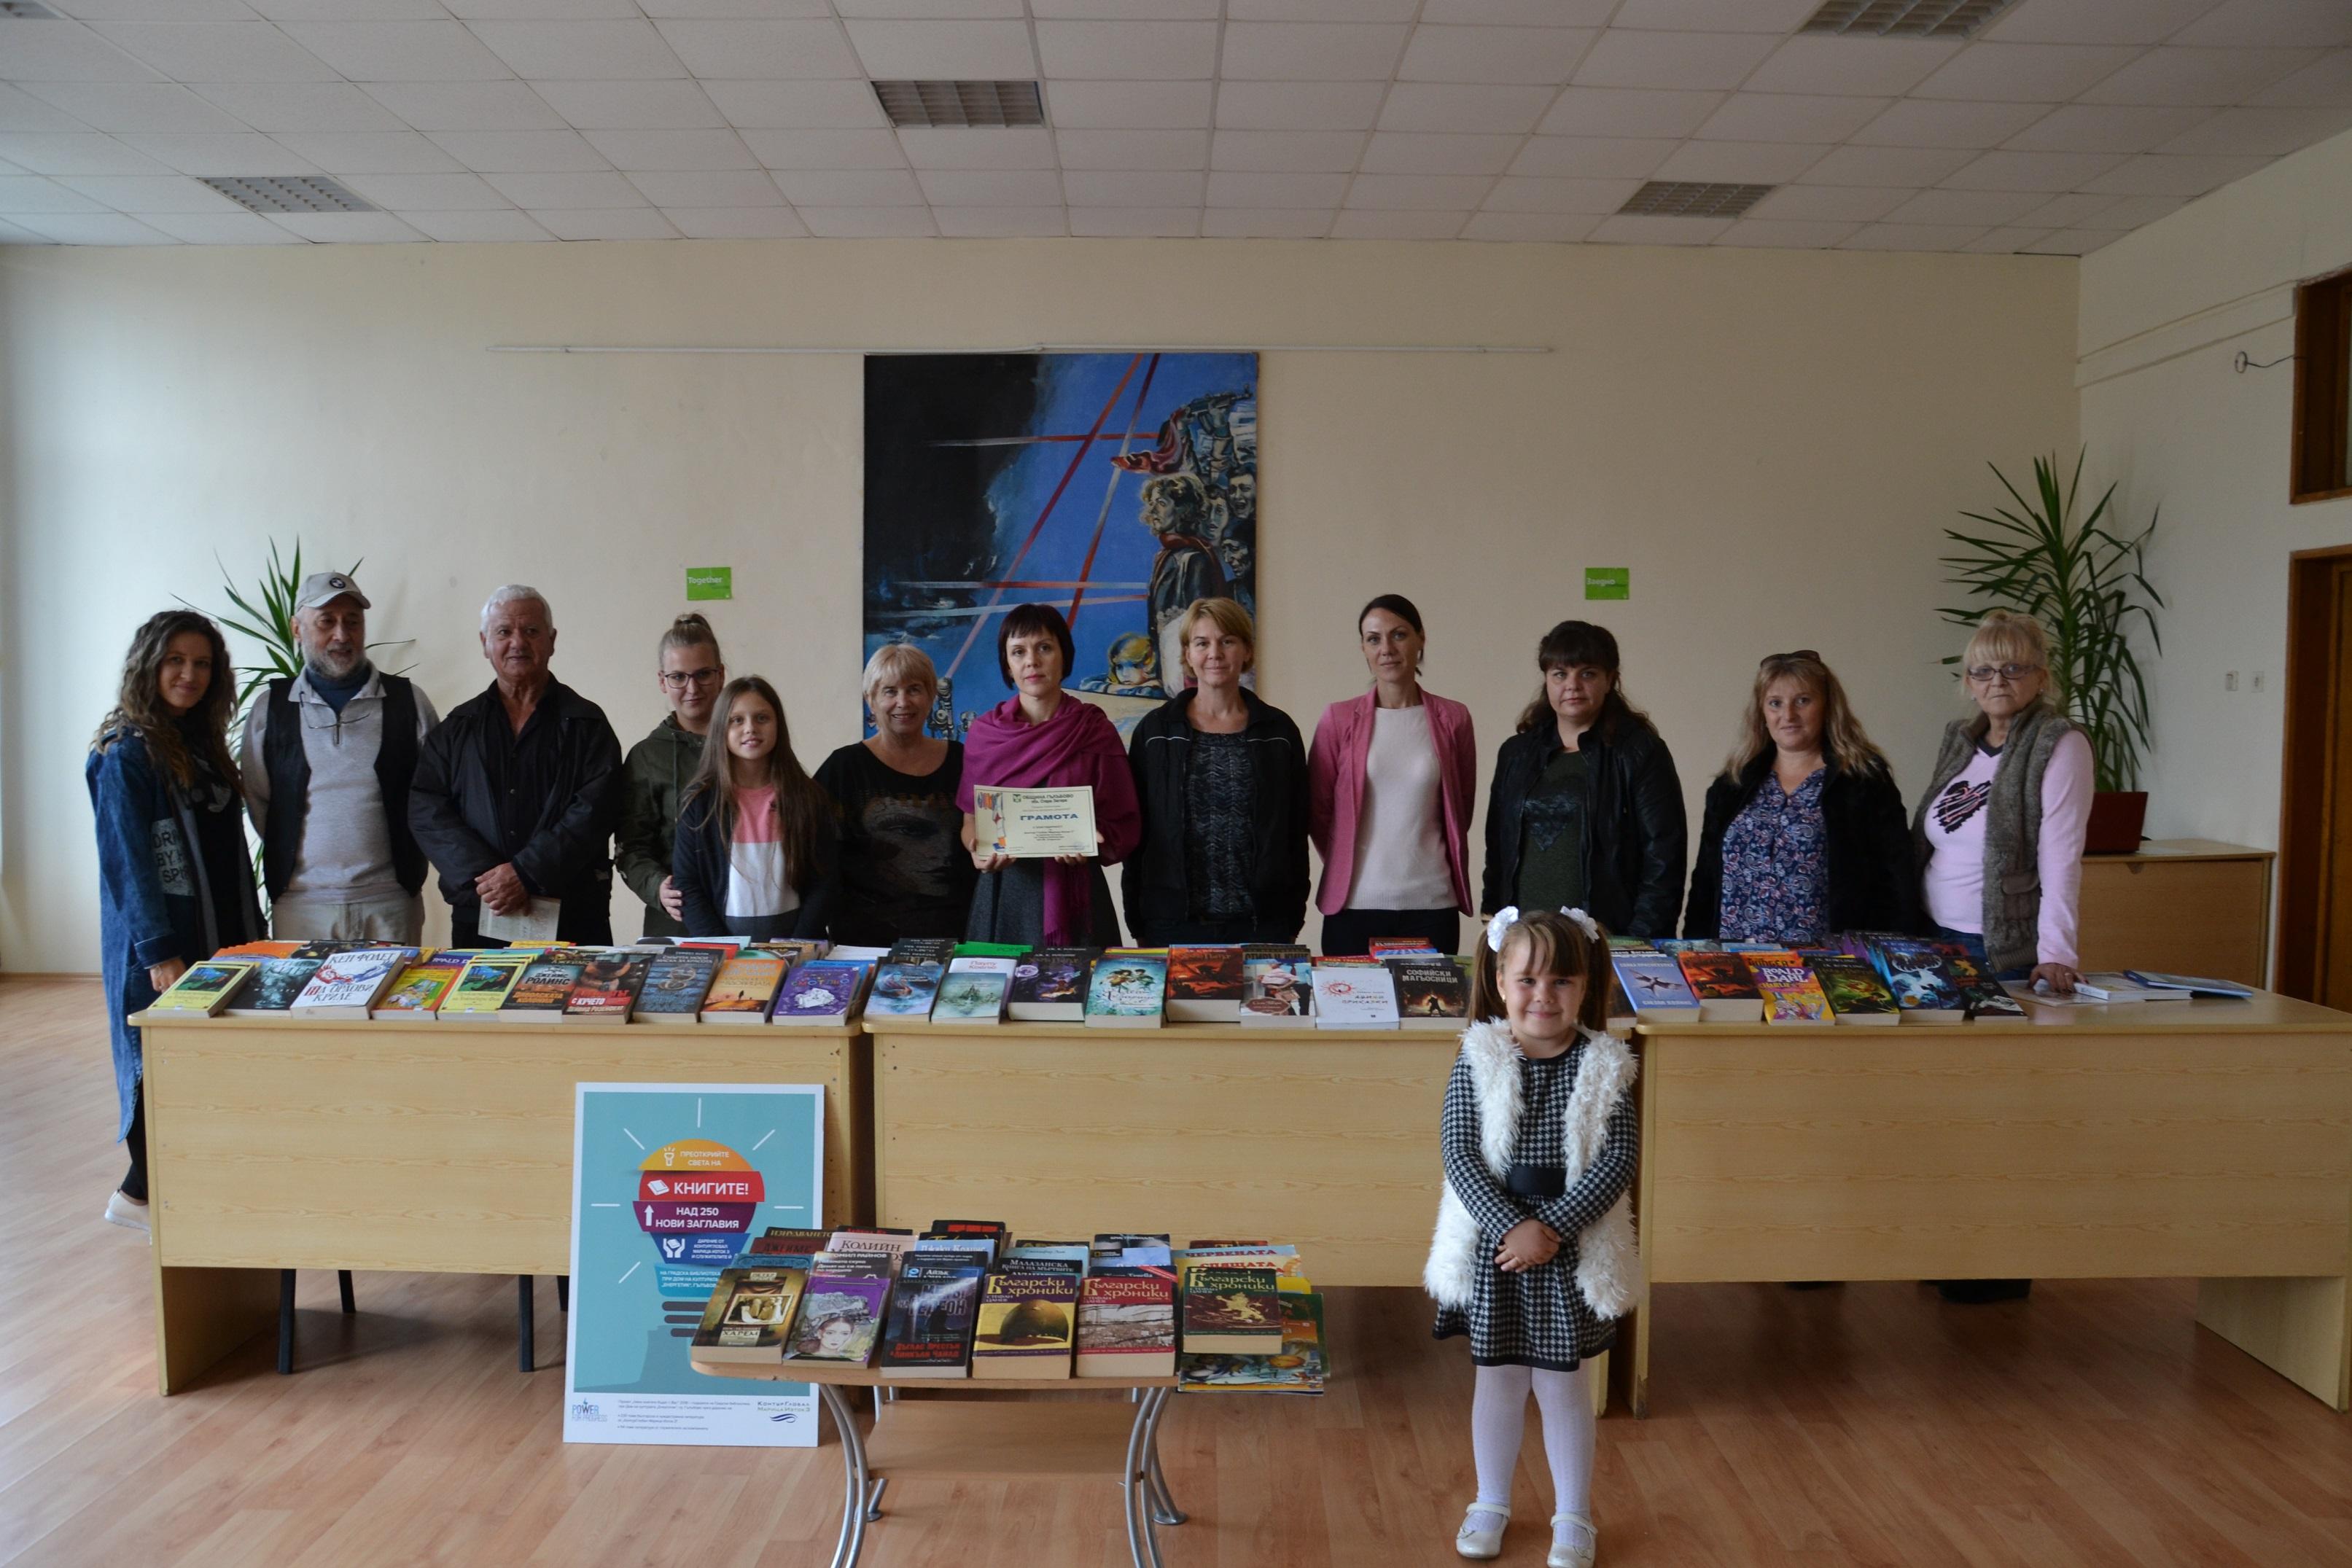 344 тома нови произведения получи градската библиотека в Гълъбово, в навечерието на Деня на будителите